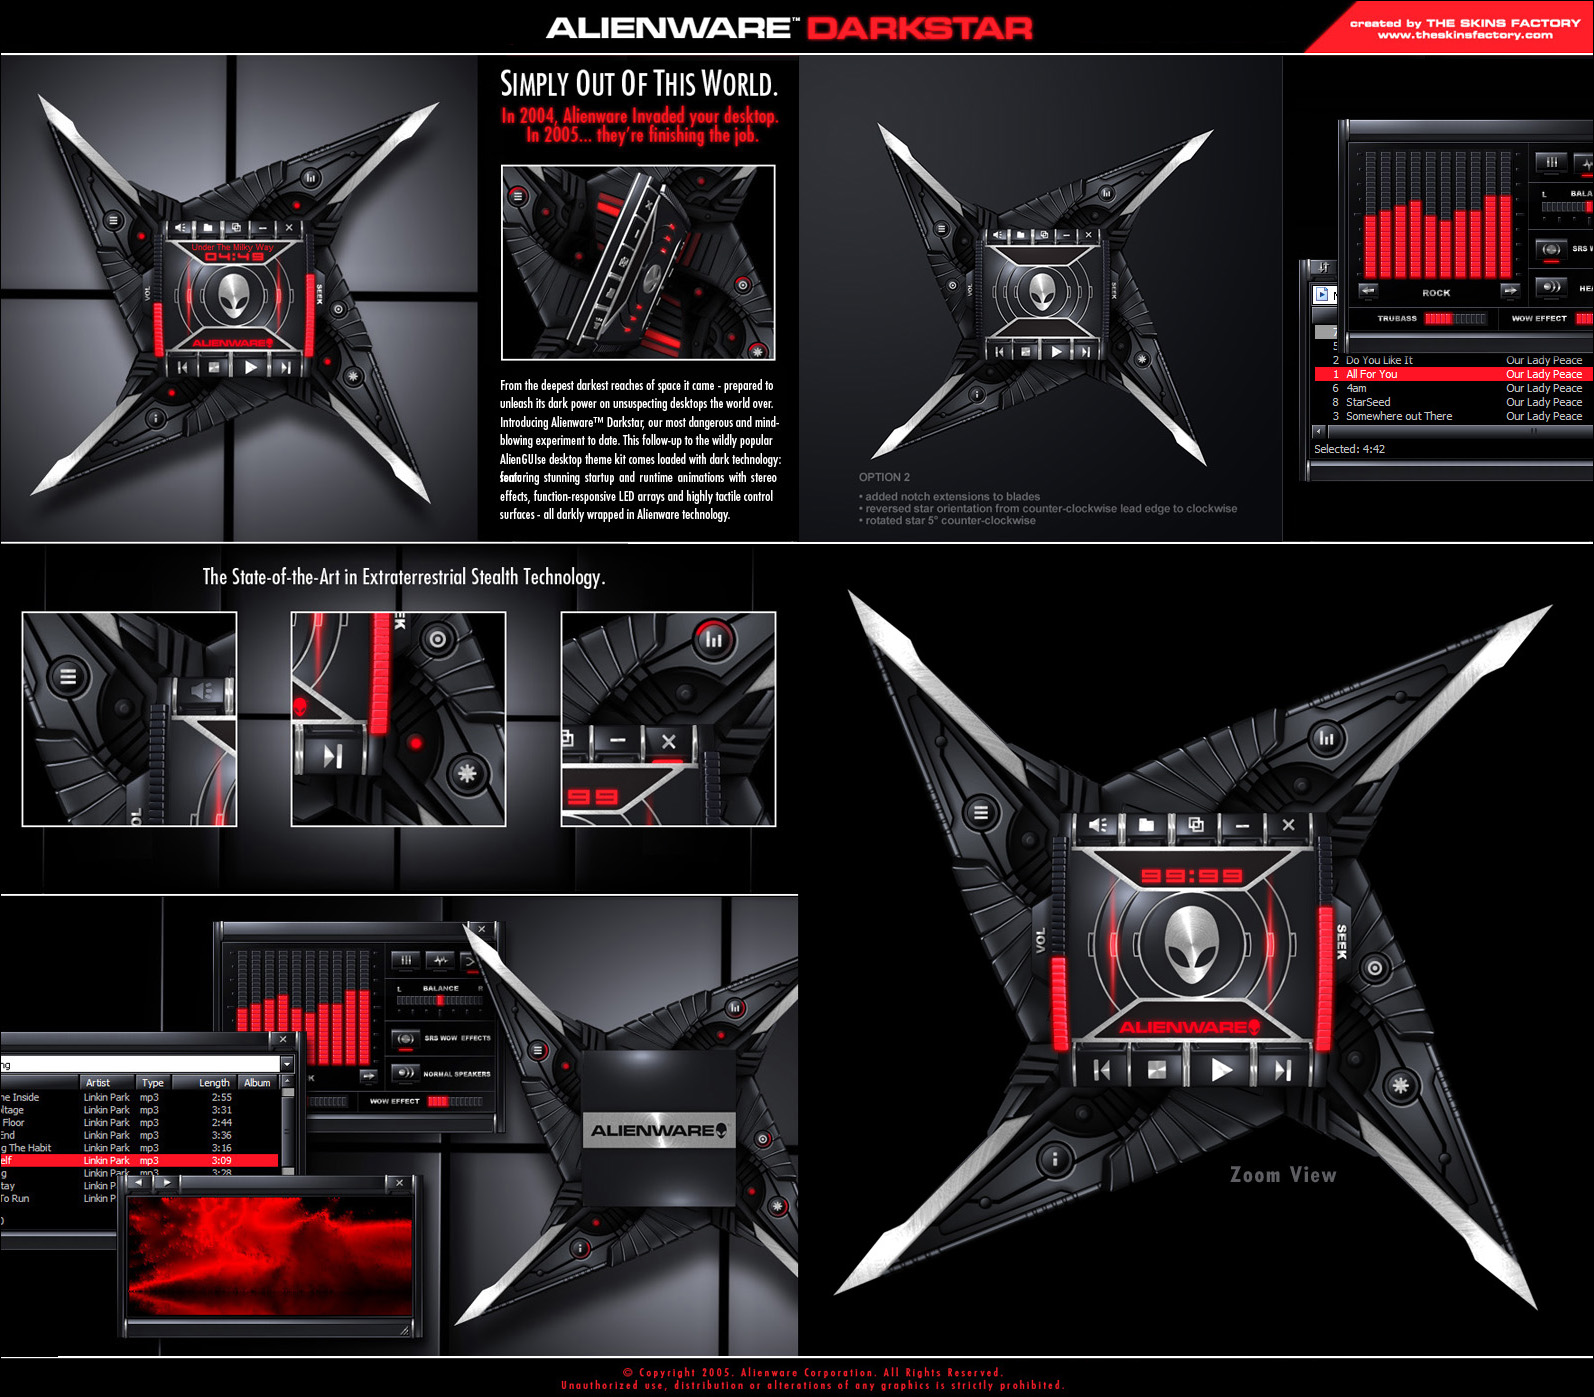 Alienware Darkstar